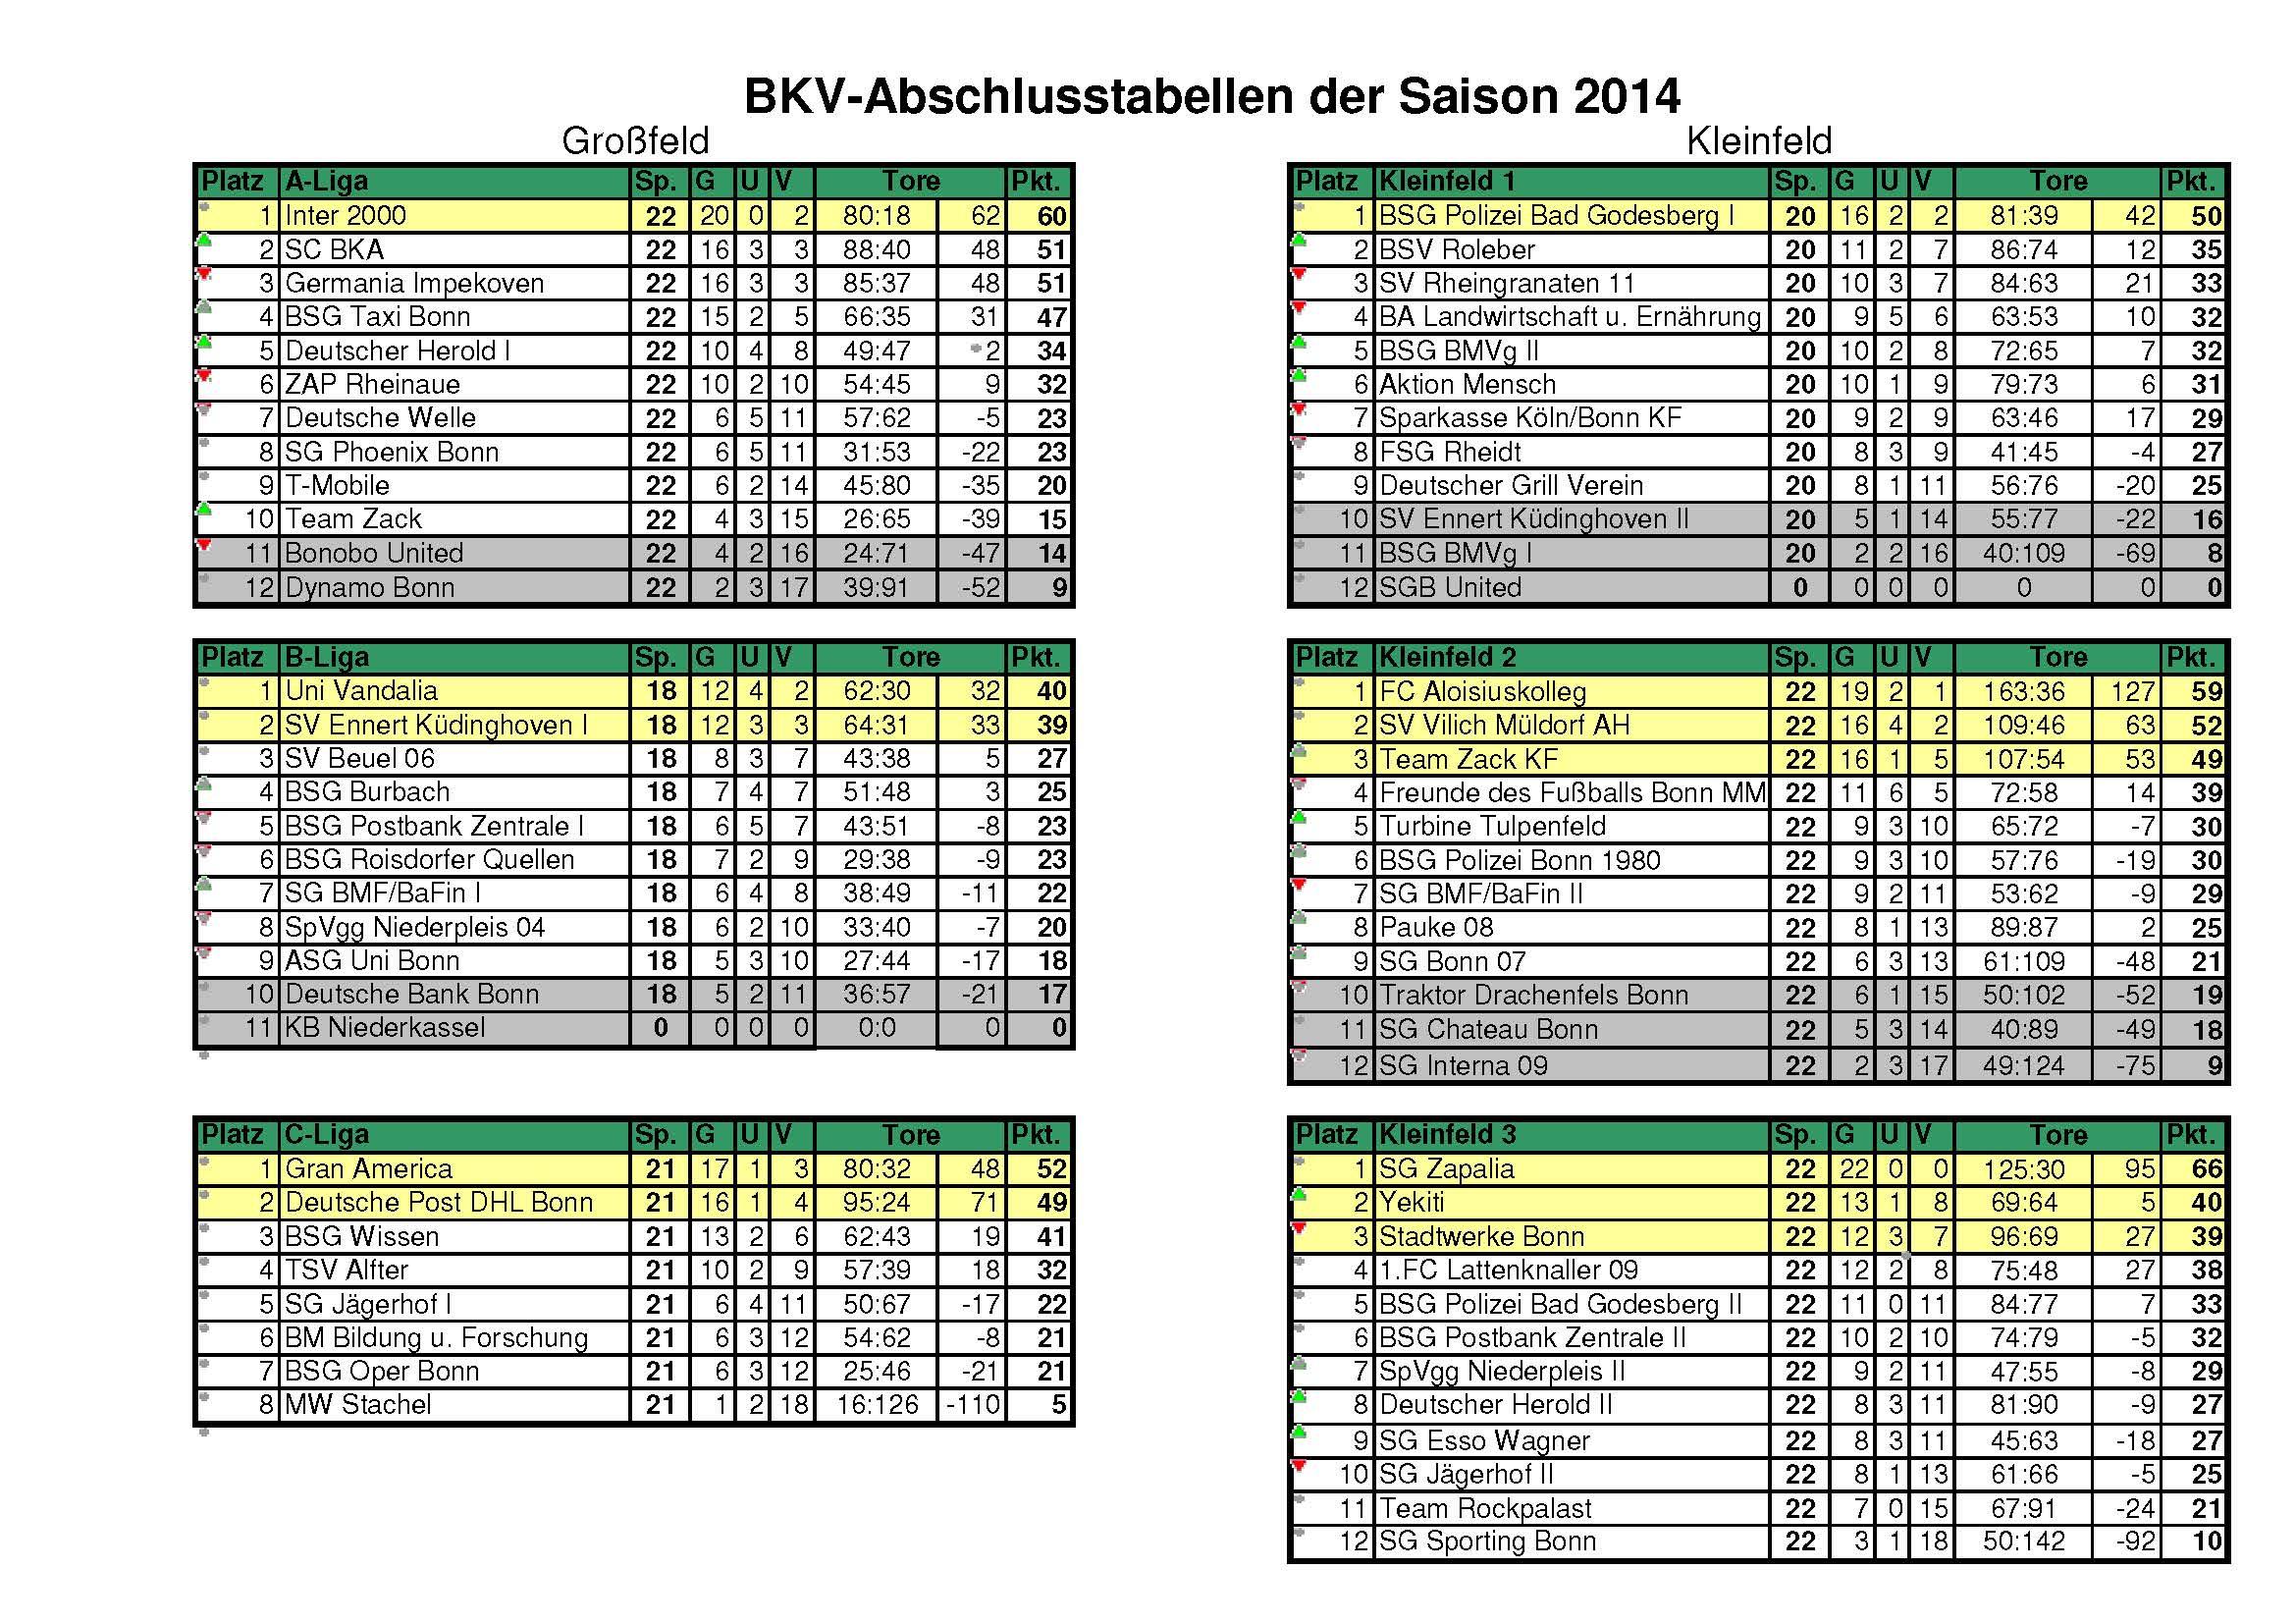 BKV-Abschlusstabellen 2014